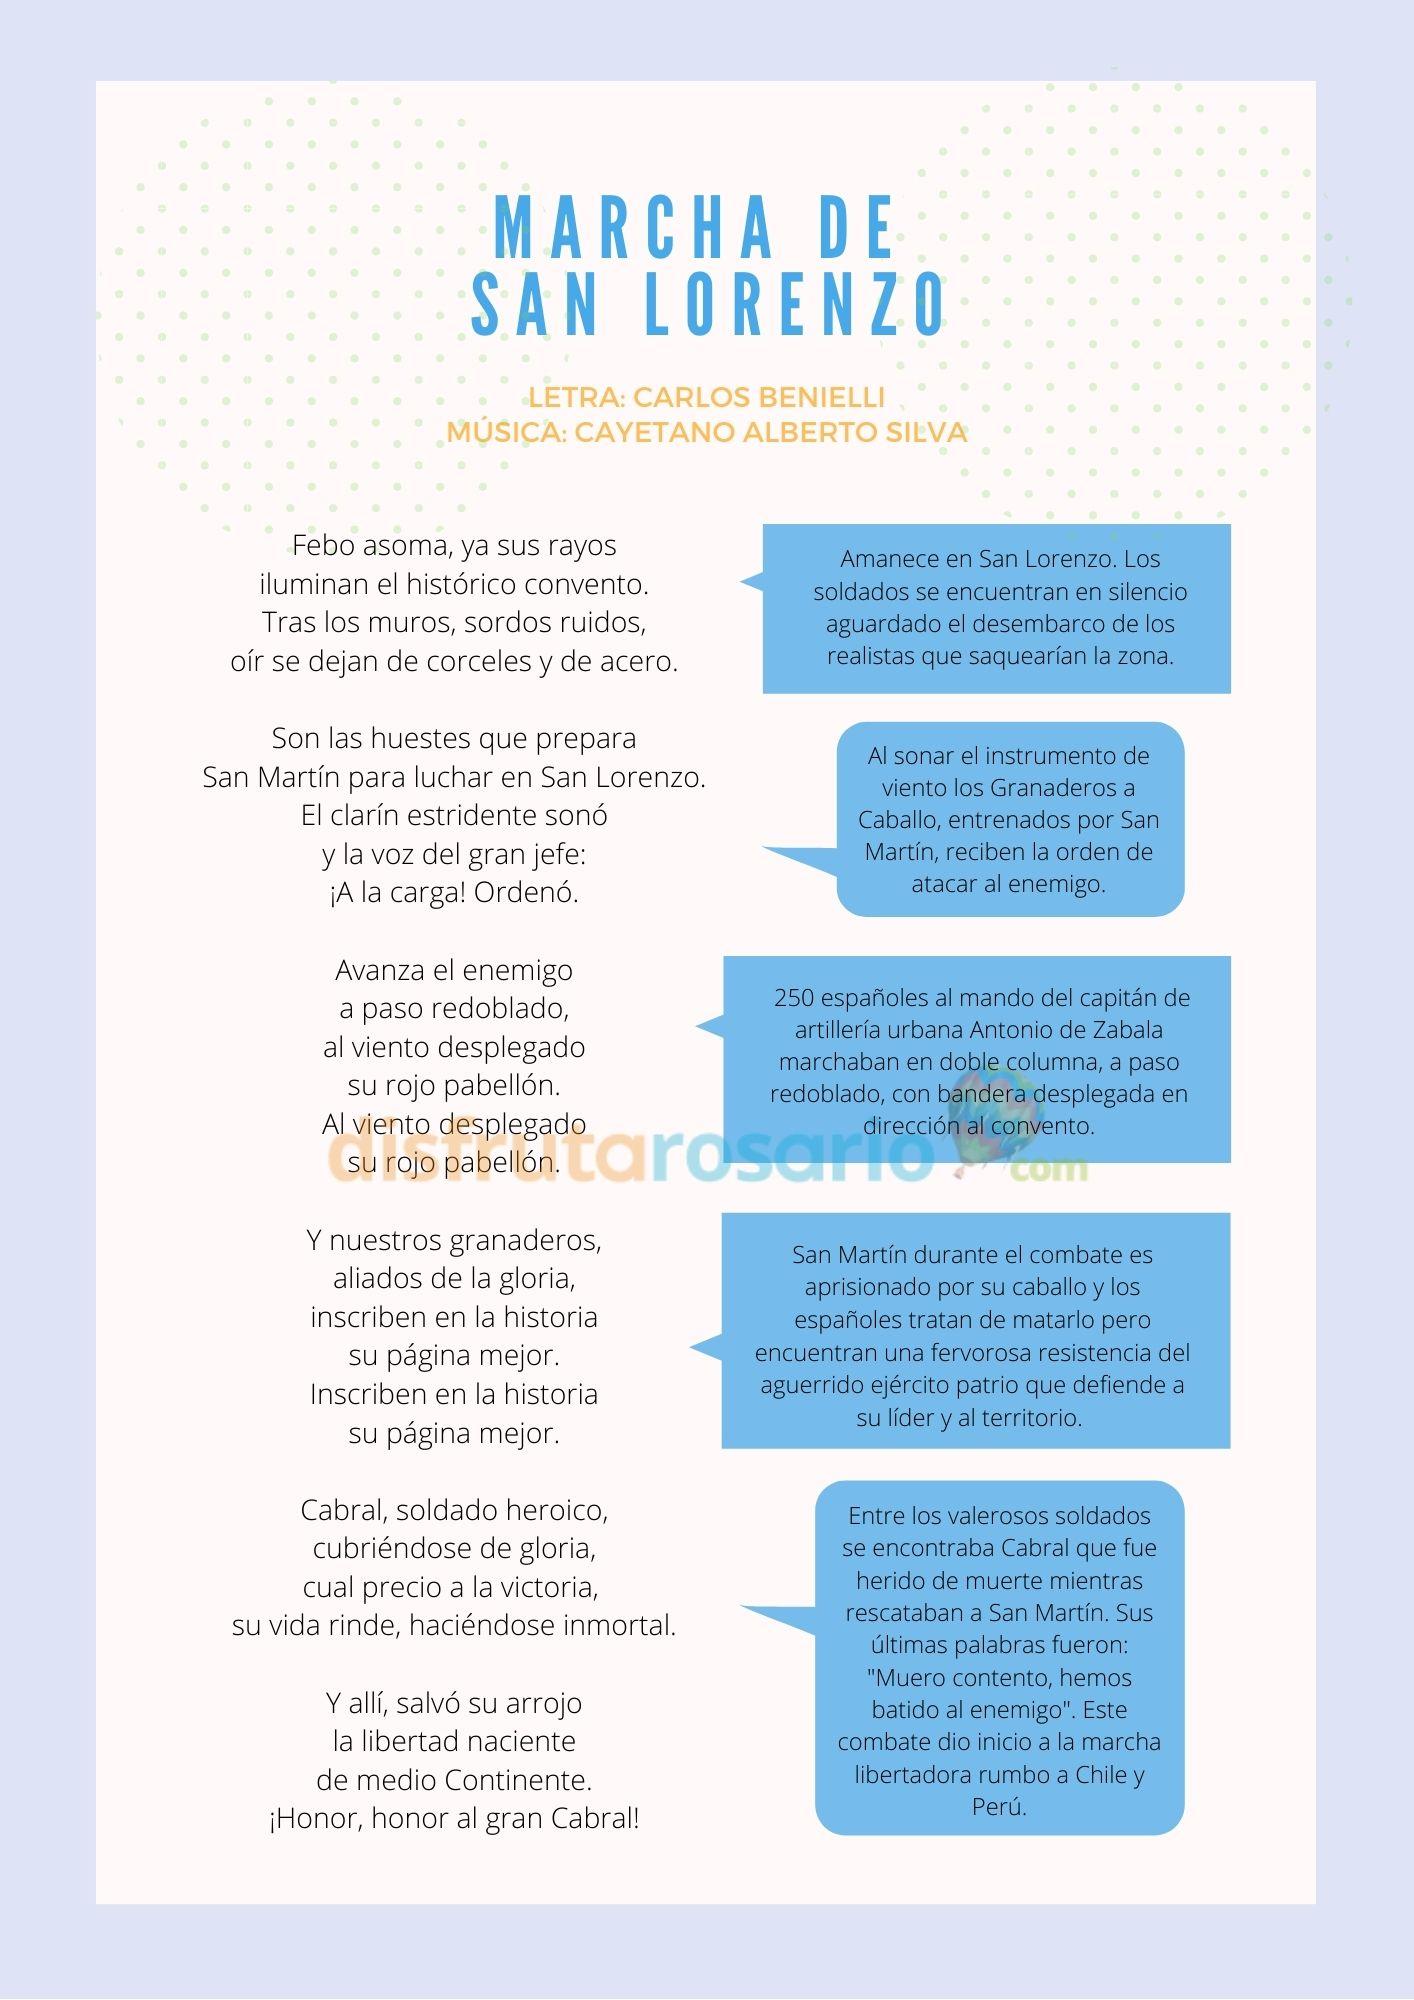 Marcha de San Lorenzo y el análisis de cada estrofa